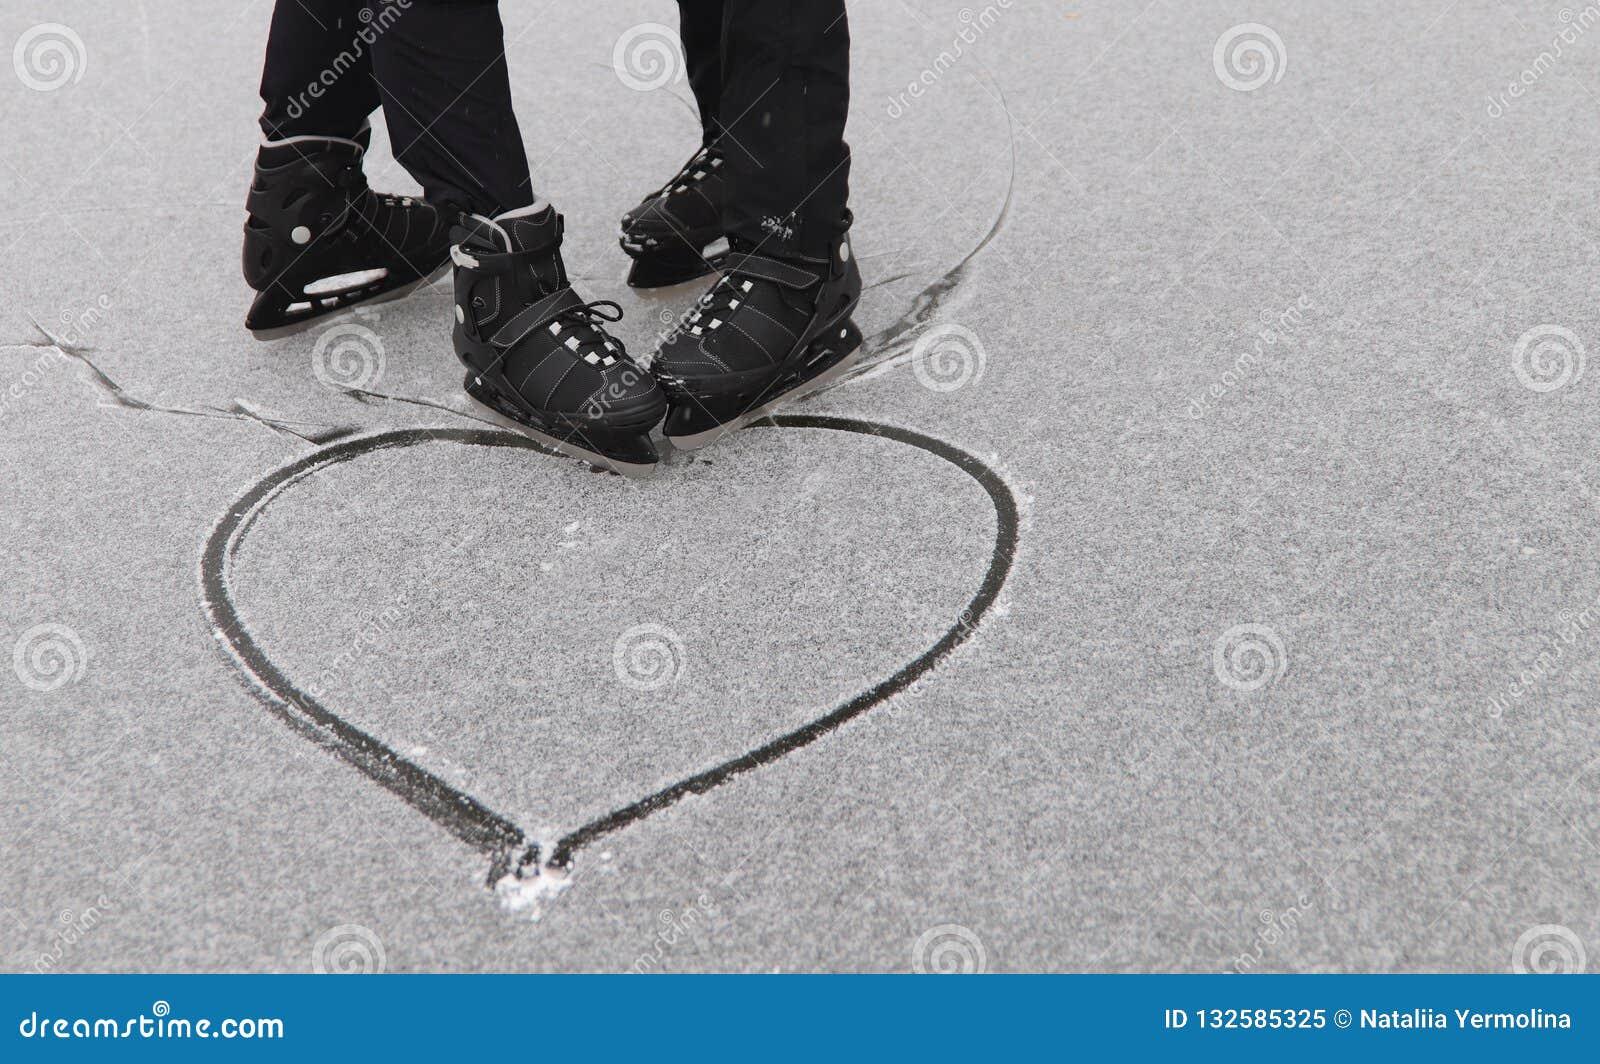 Το ομοφυλοφιλικό ζεύγος που κάνει πατινάζ έσυρε μια καρδιά στο χιόνι